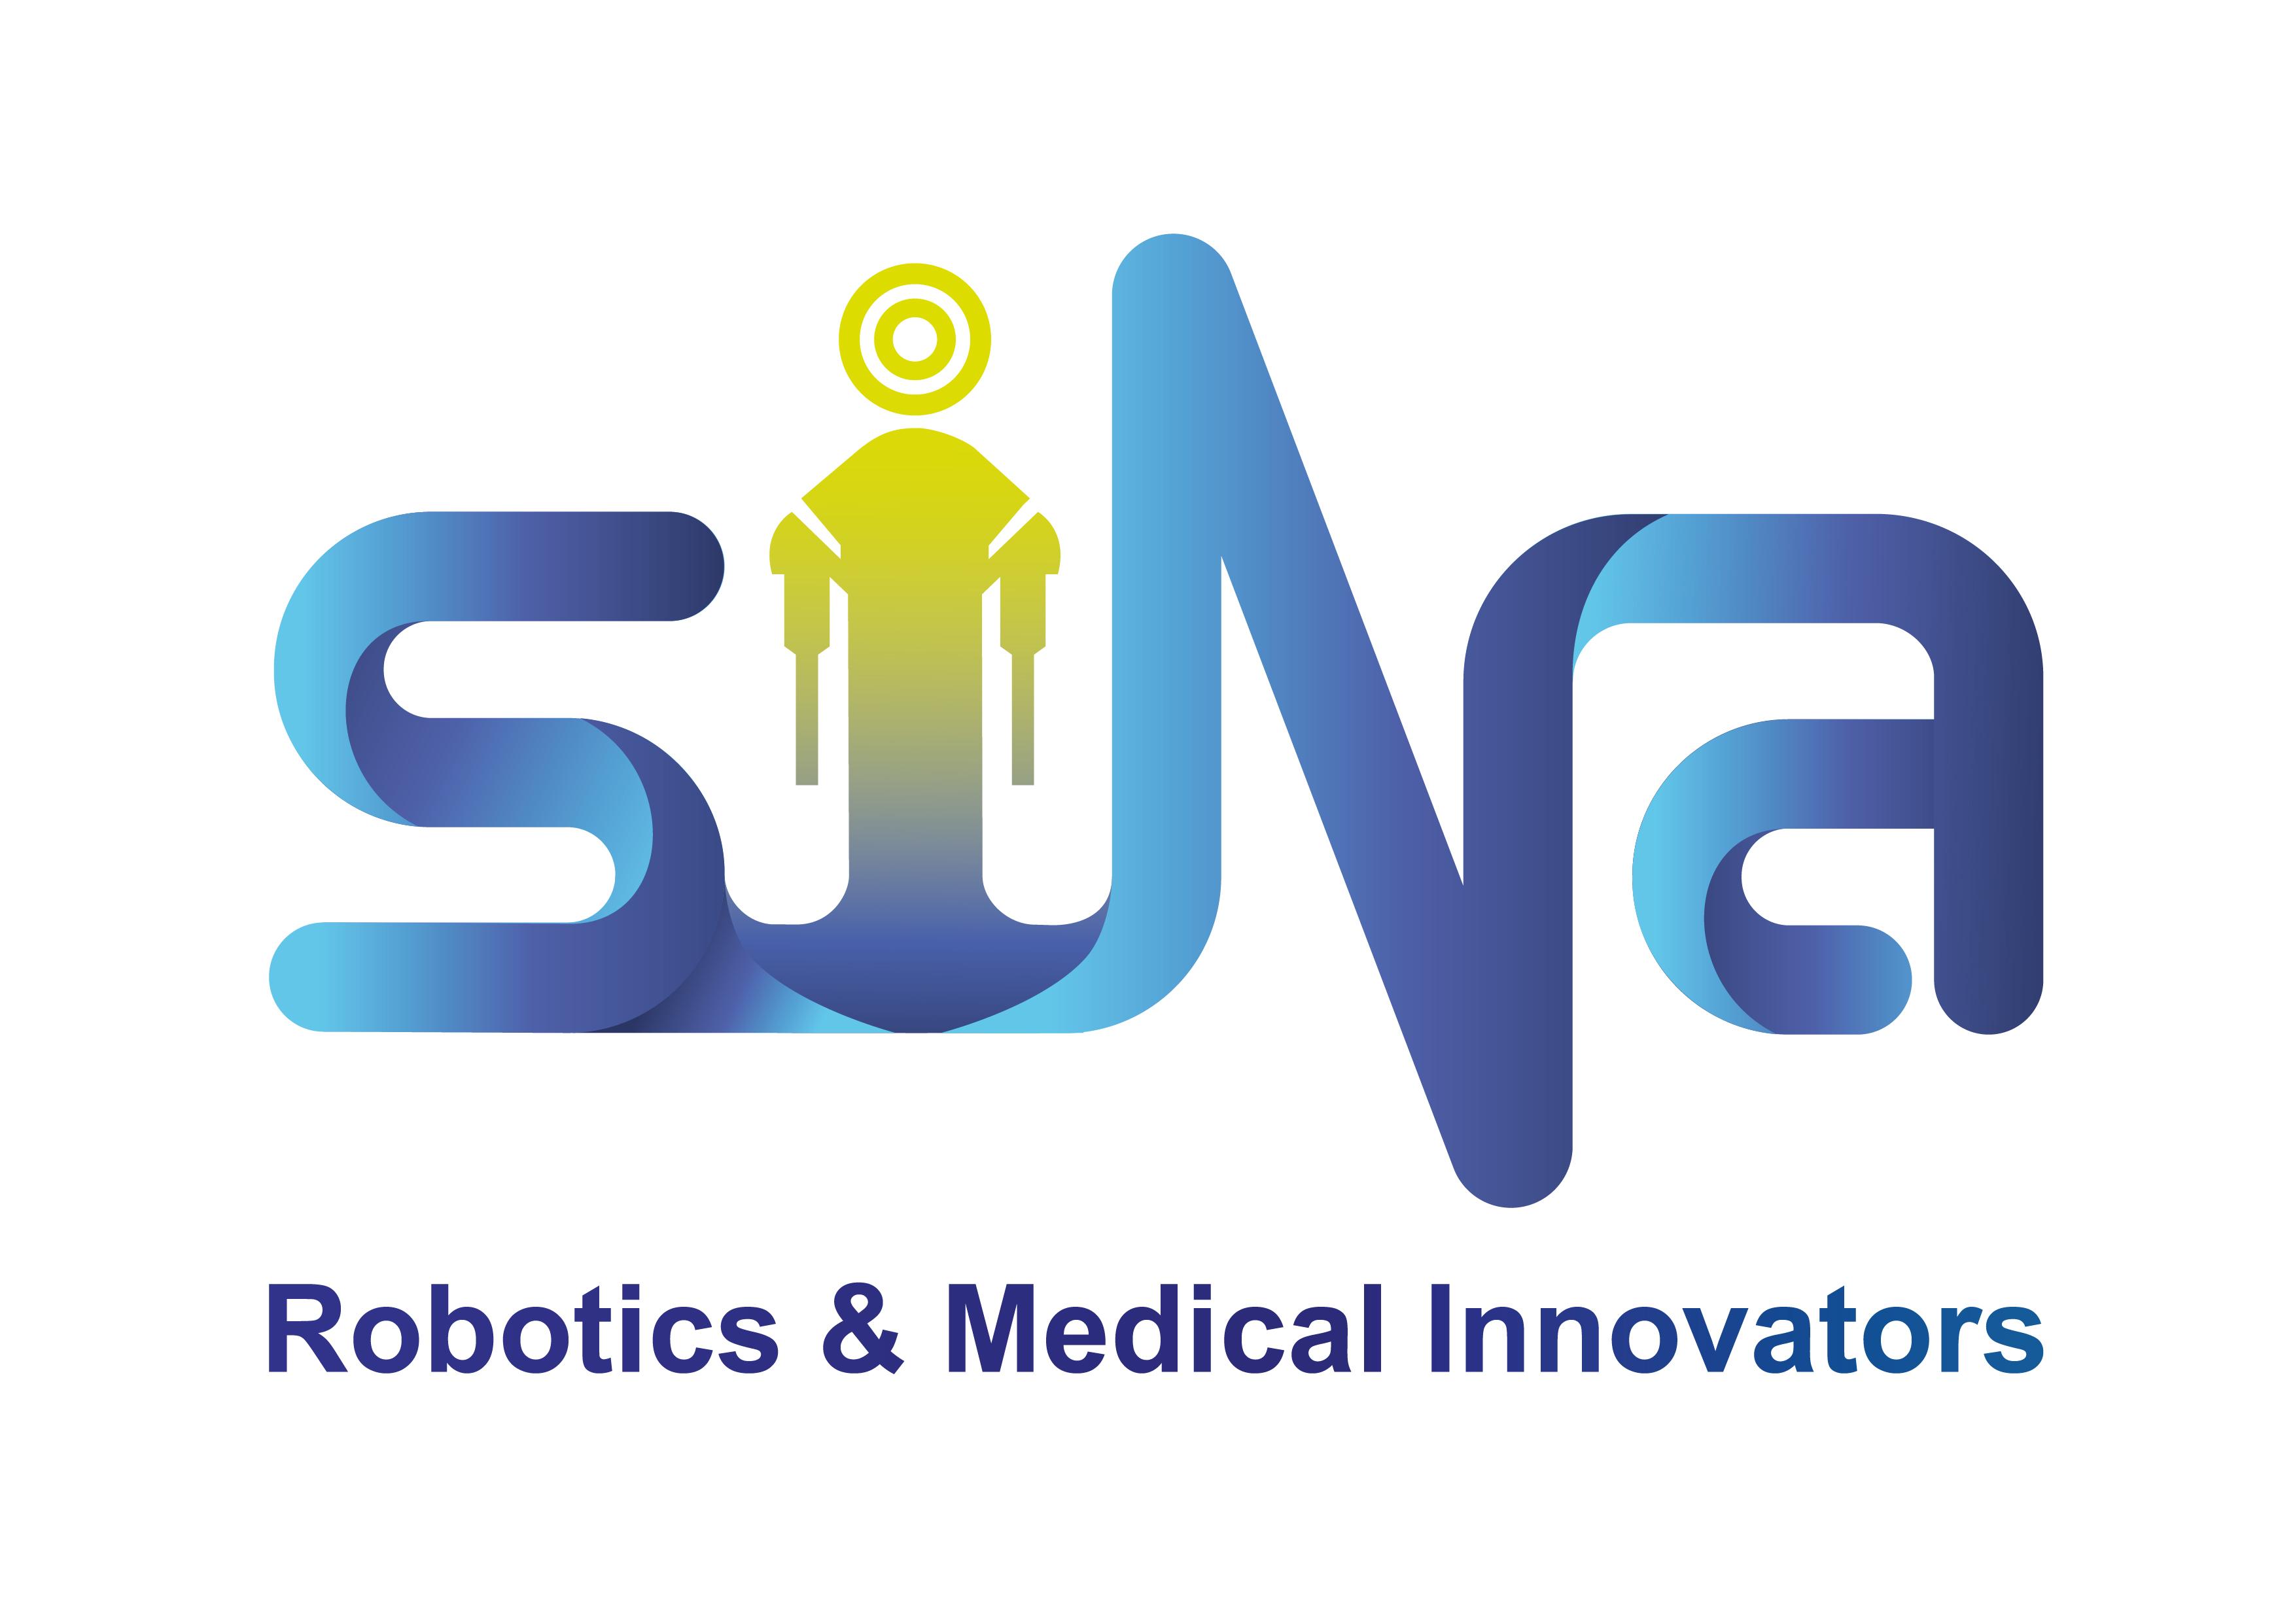 شرکت نوآوران رباتیک و پزشکی سینا